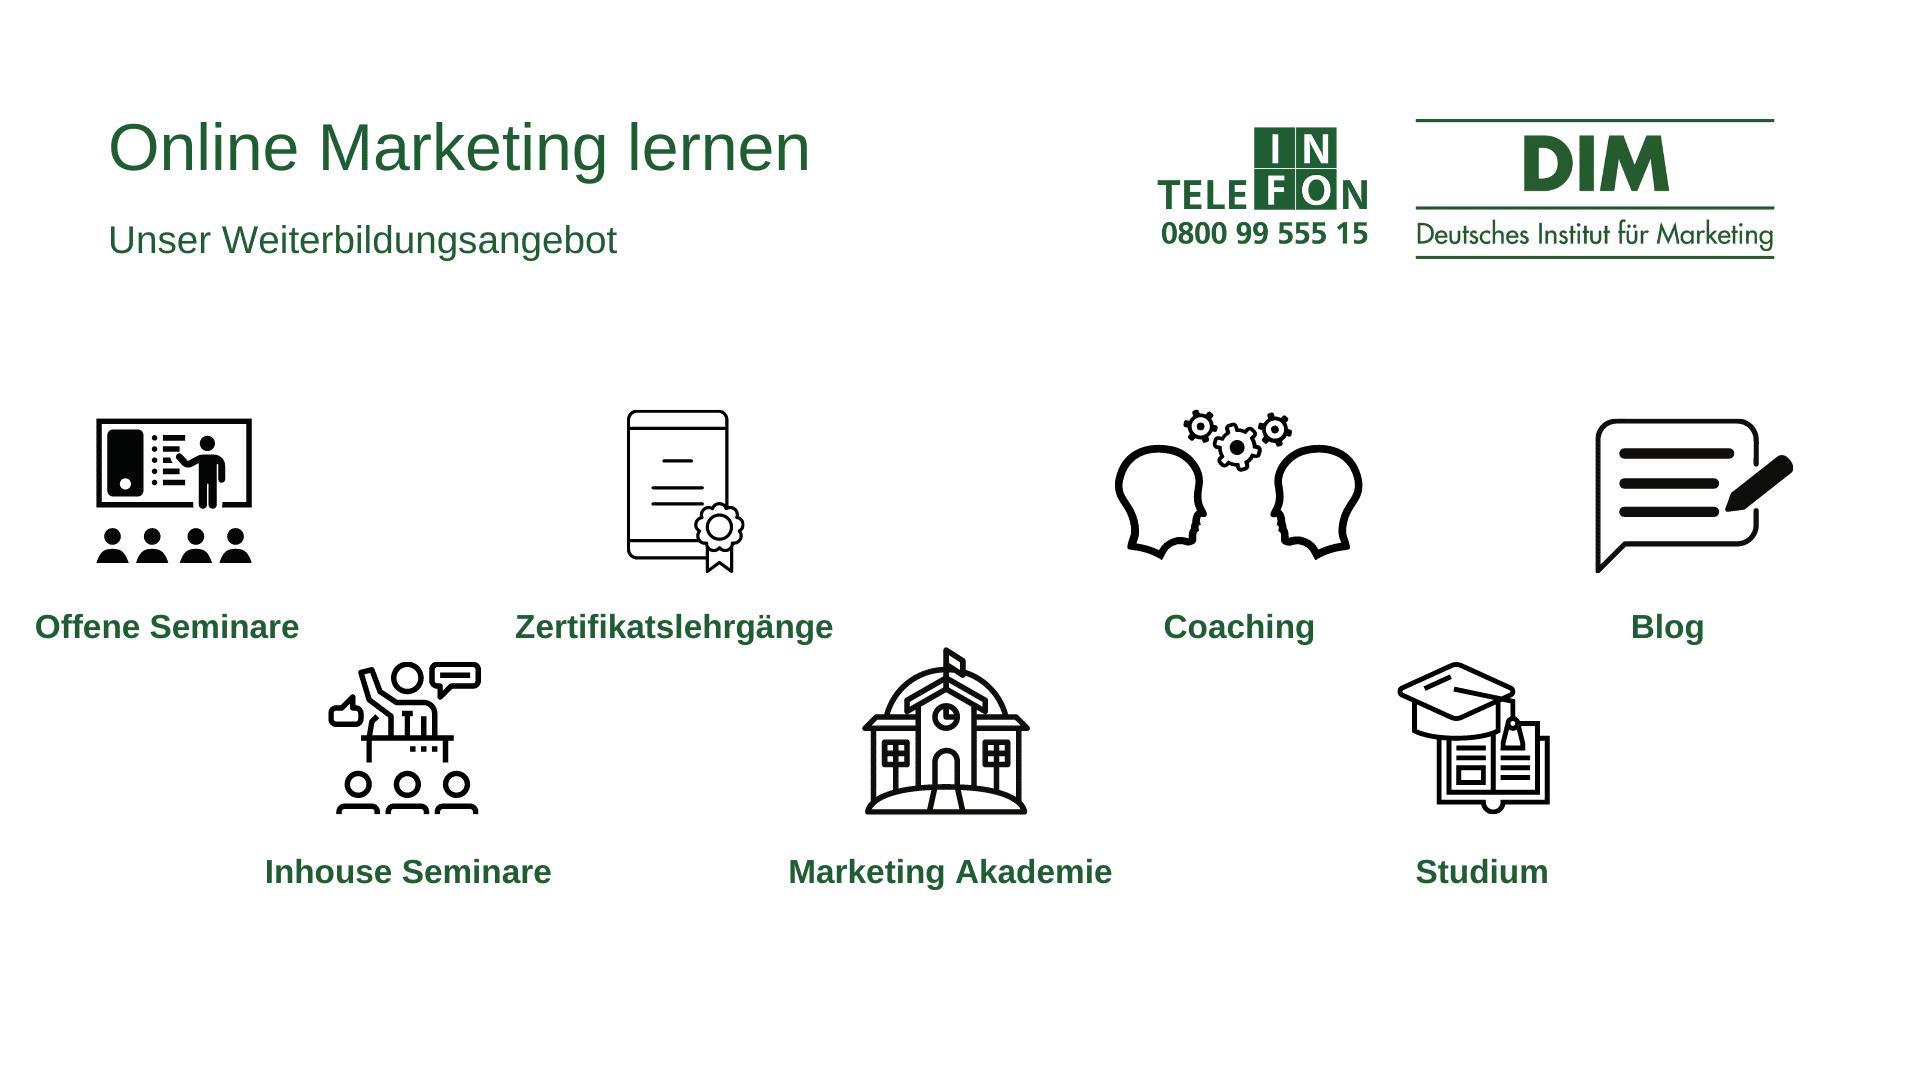 Online Marketing lernen